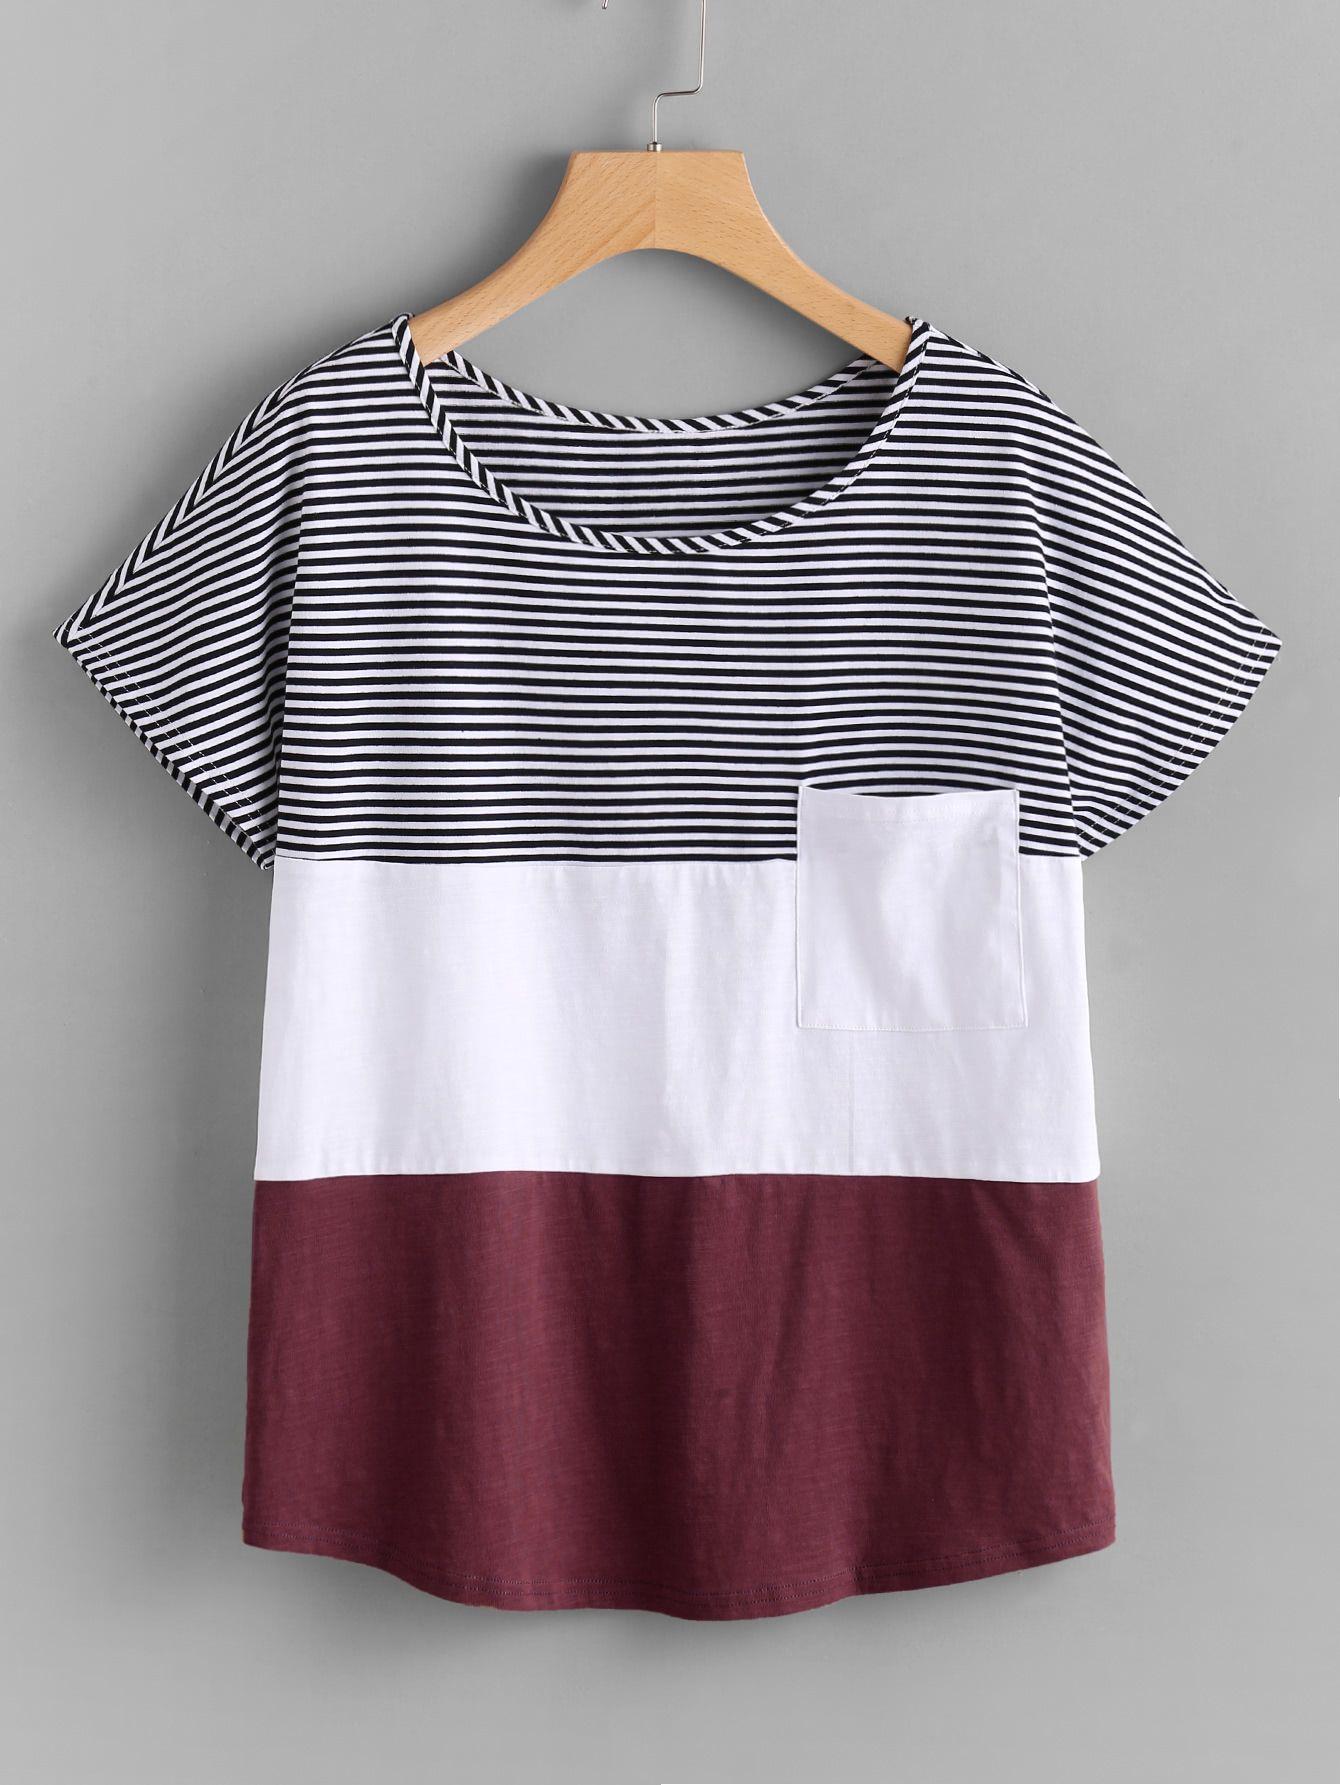 363838cbb8e9c Camiseta con parche con costura -Spanish Romwe Sitio Móvil